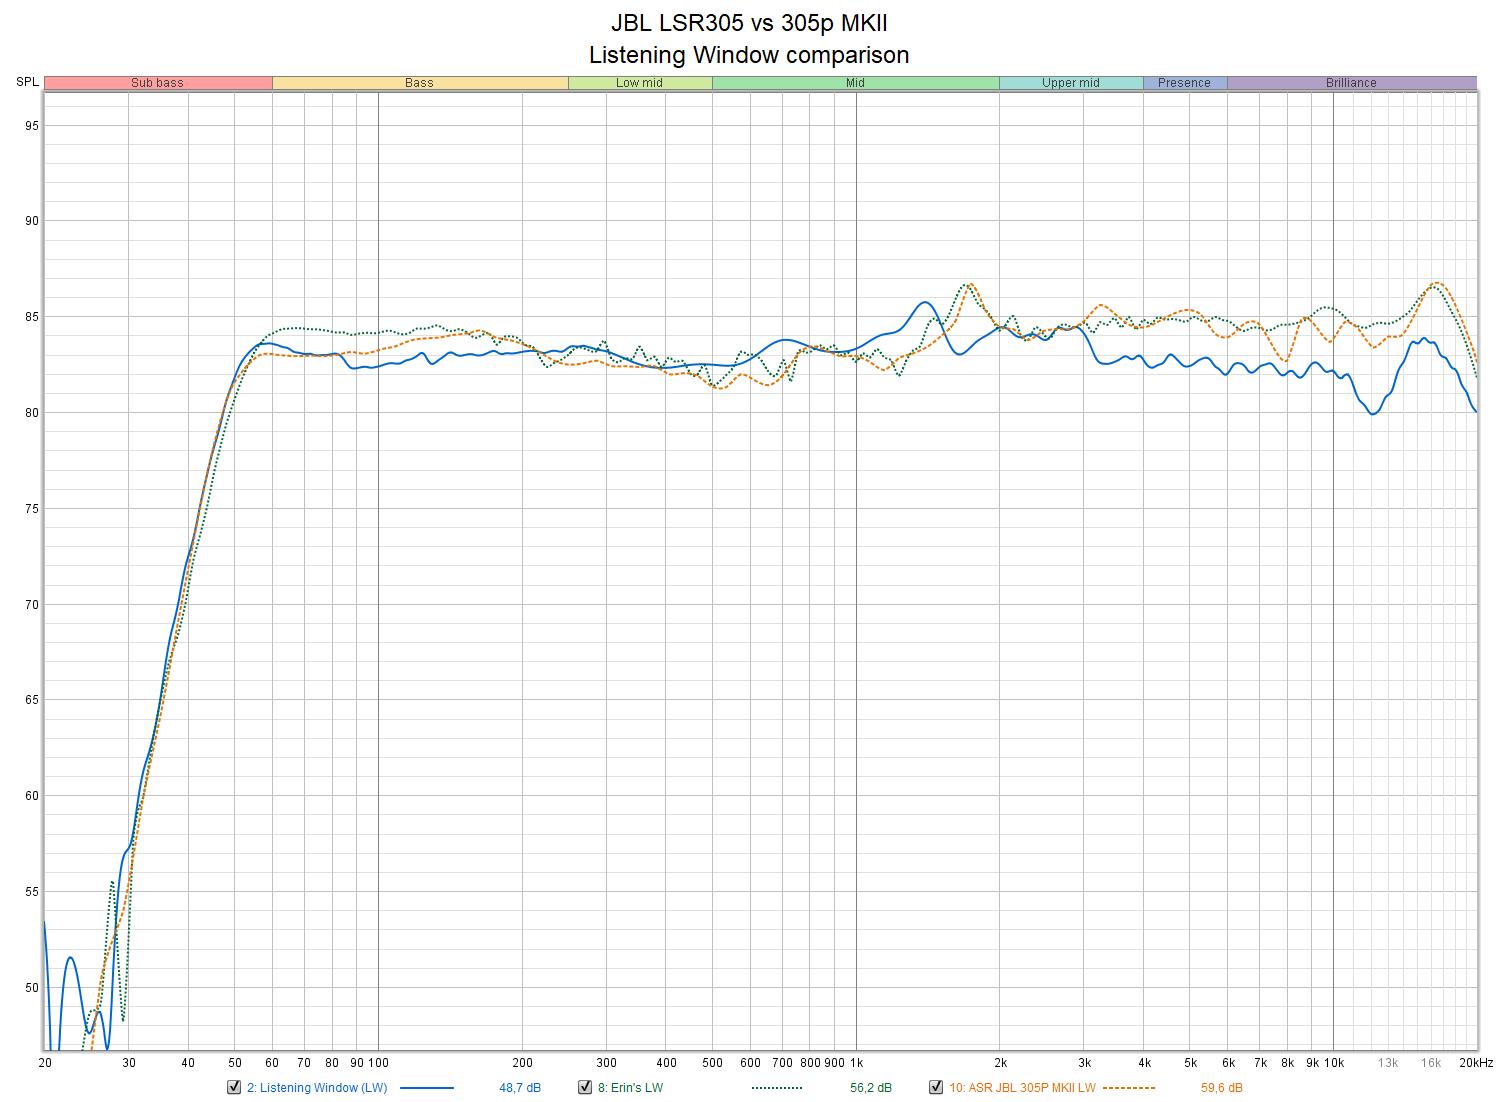 JBL LSR305 vs 305p MKII - Listening Window comparison.png